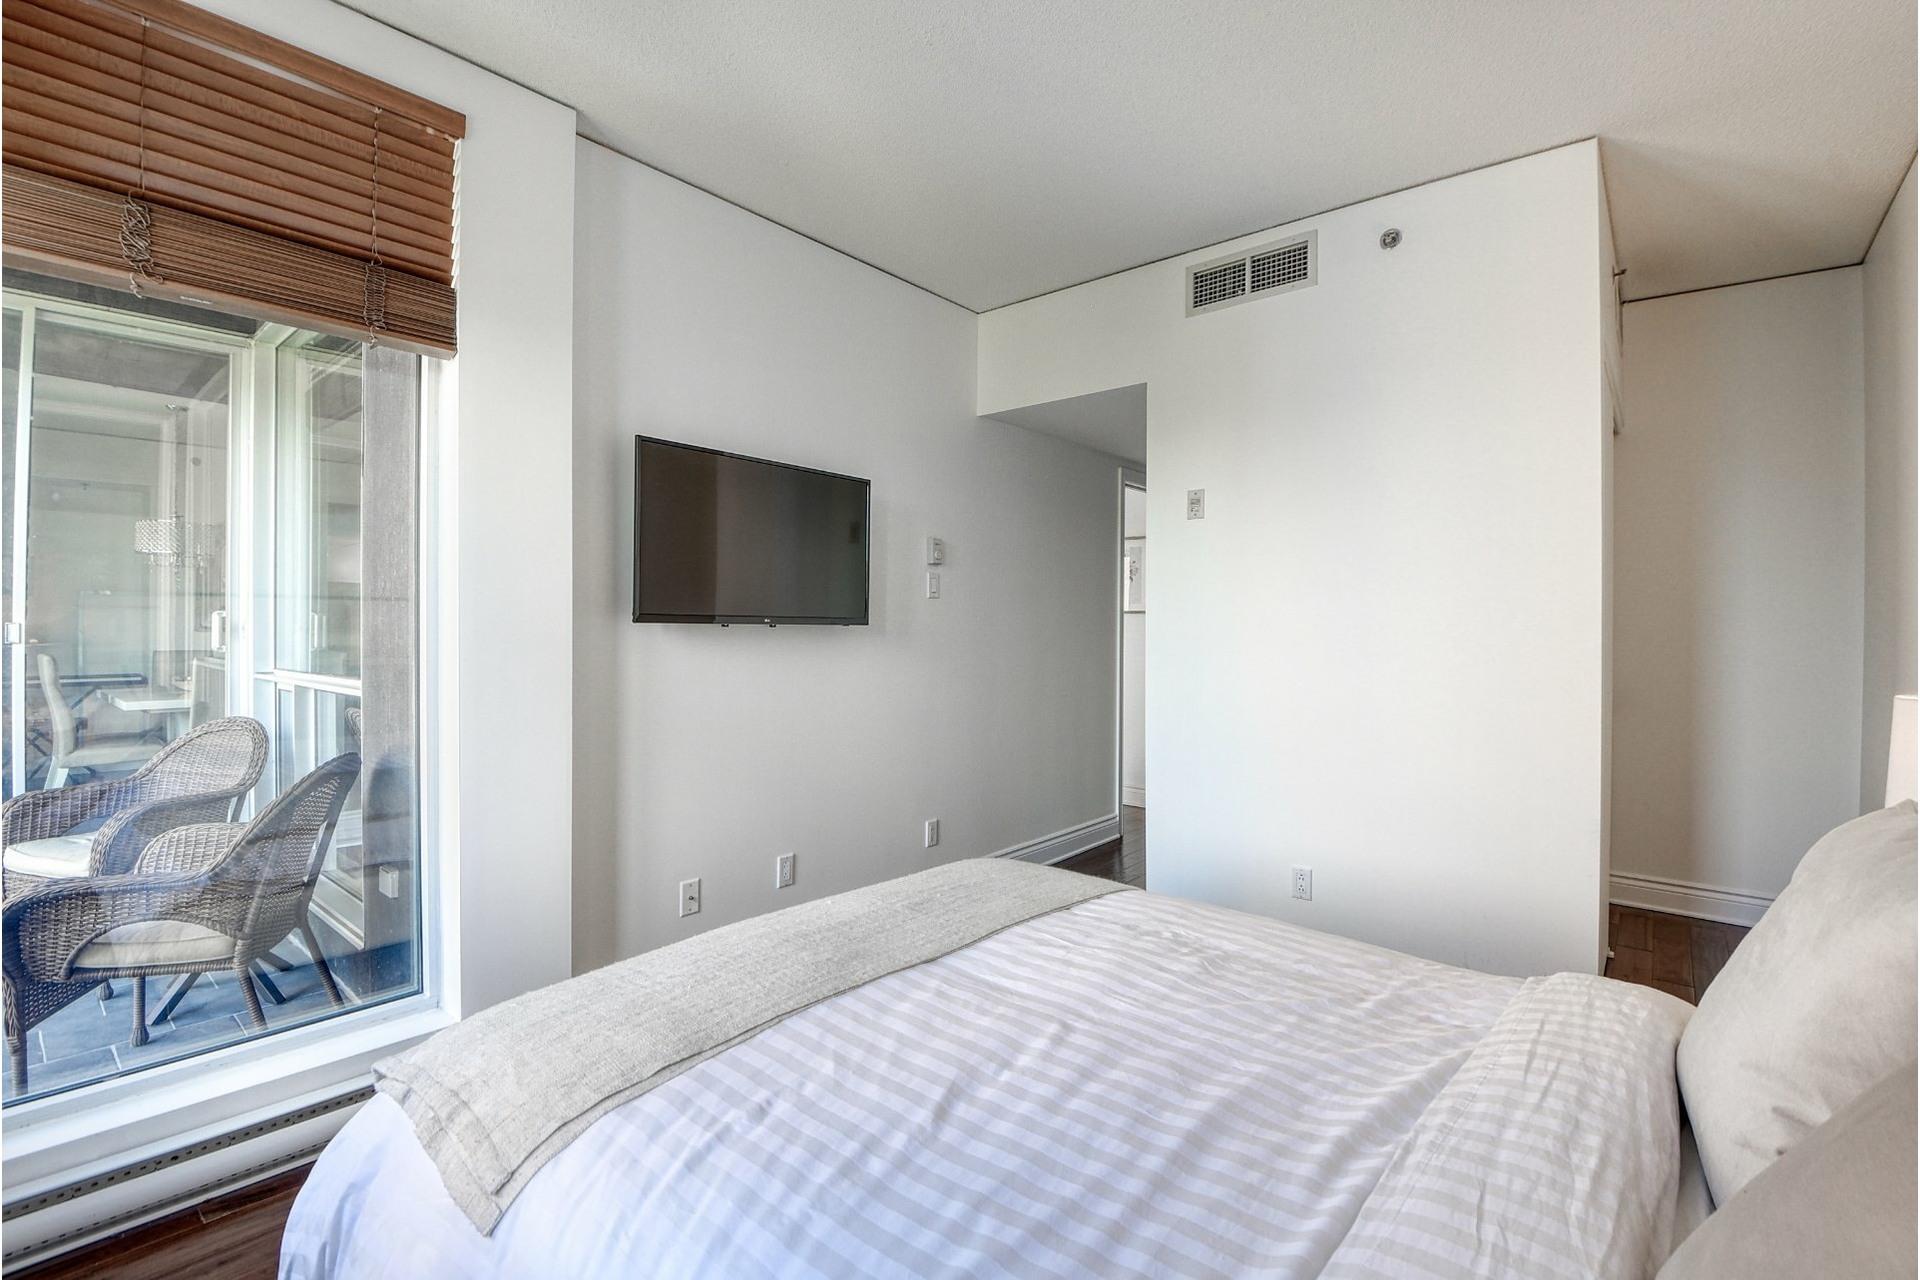 image 11 - Appartement À louer Verdun/Île-des-Soeurs Montréal  - 6 pièces